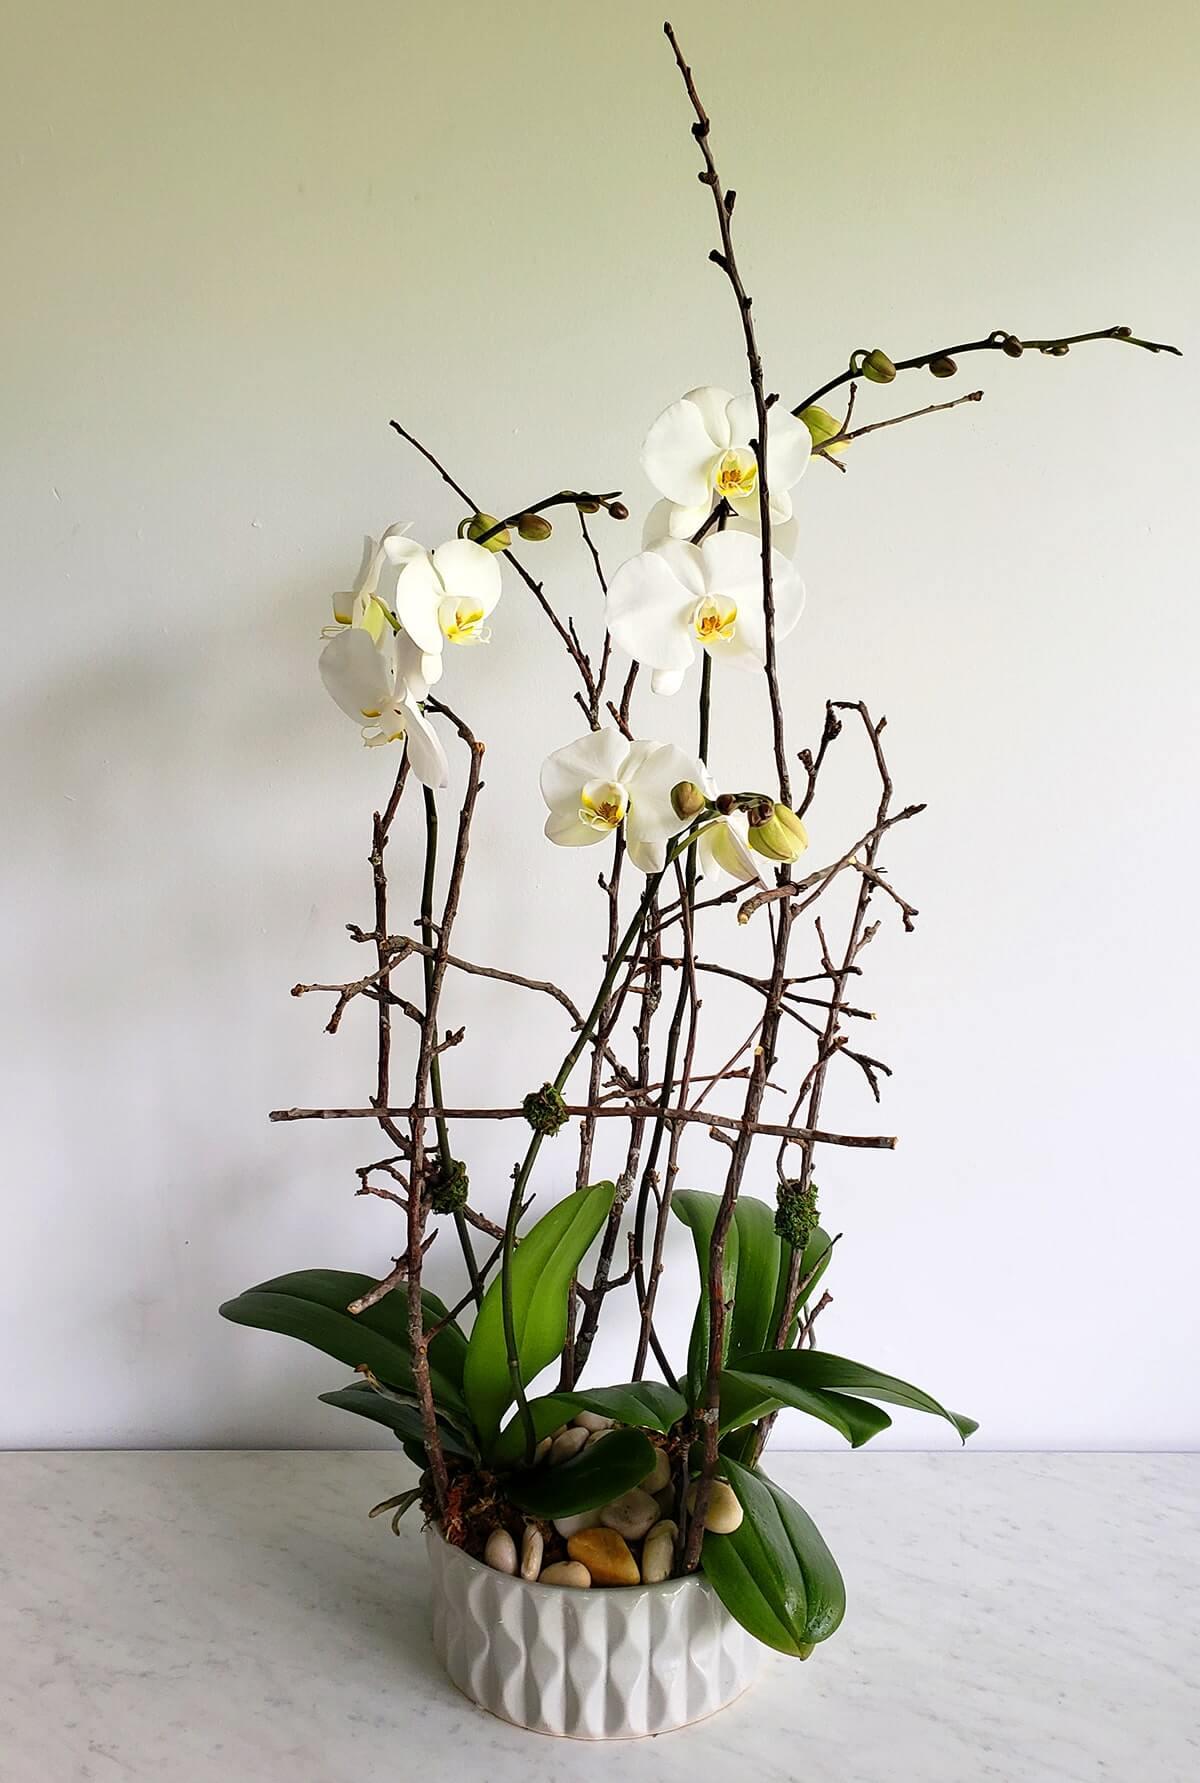 2 plantes d'orchidées Phalaenopsis blanches